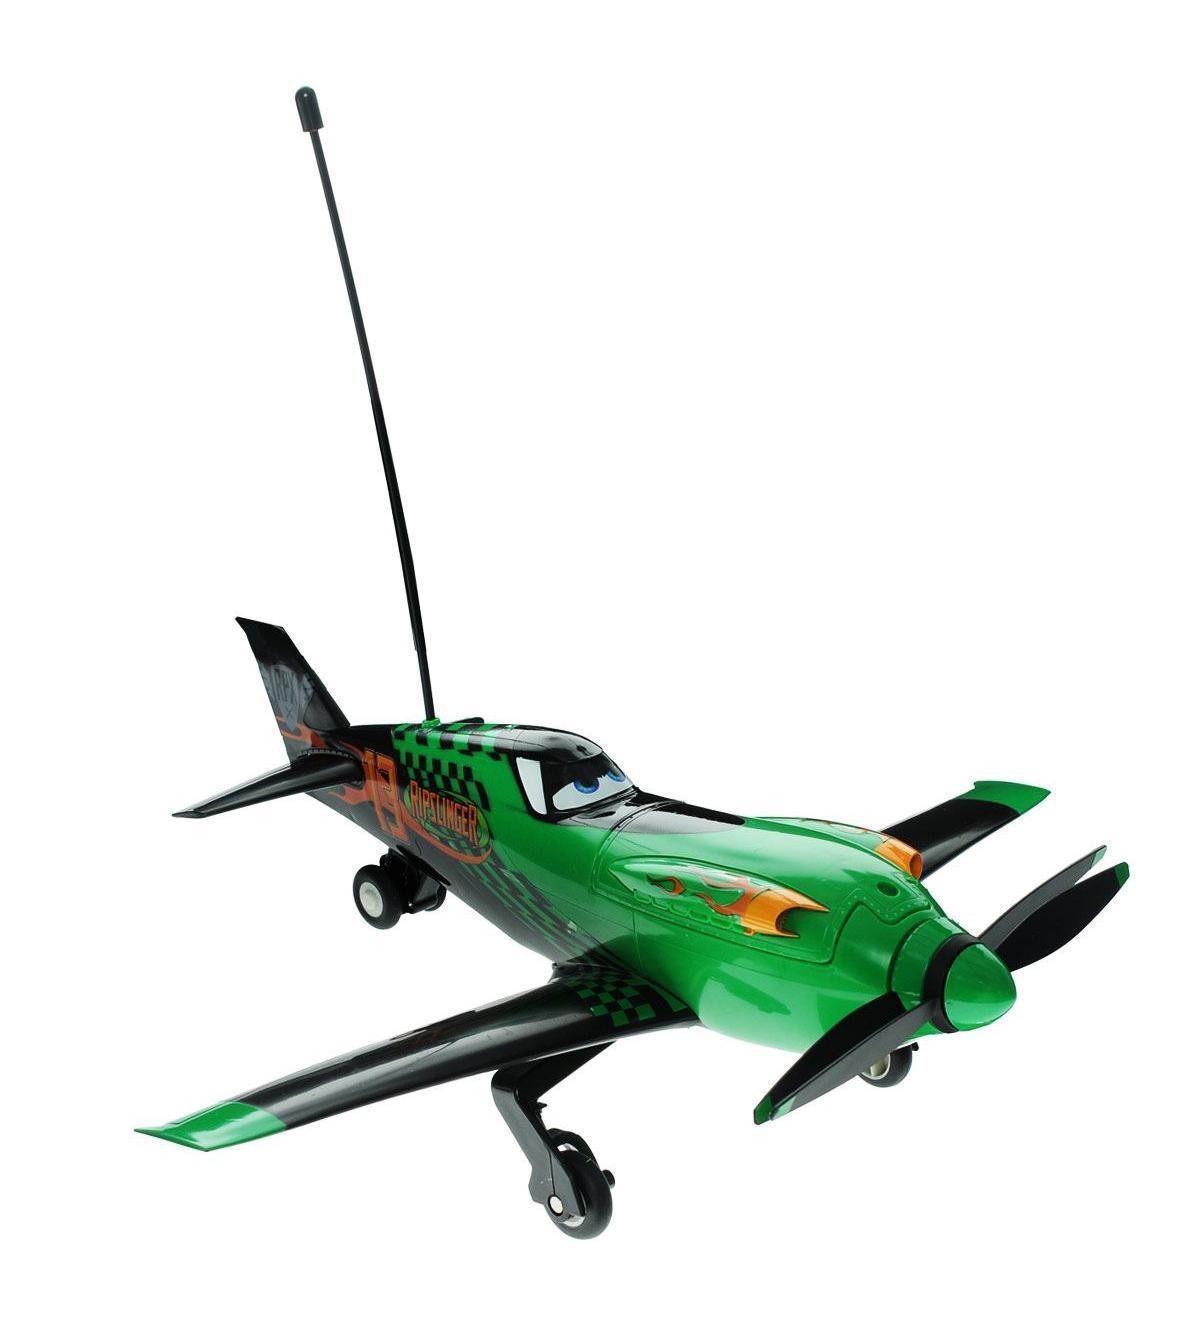 Planes Радиоуправляемый самолет Planes Ripslinger3089805Красочная модель самолета Dickie Toys Planes Ripslinger 3089805 является точной копией мультипликационного персонажа из анимационного фильма Disney «Самолеты». Управление игрушкой сопровождается звуковыми эффектами. Самолет доставит удовольствие вашему ребенку и подарит много приятных часов игры. Рекомендовано для детей возрастом старше 3 лет.